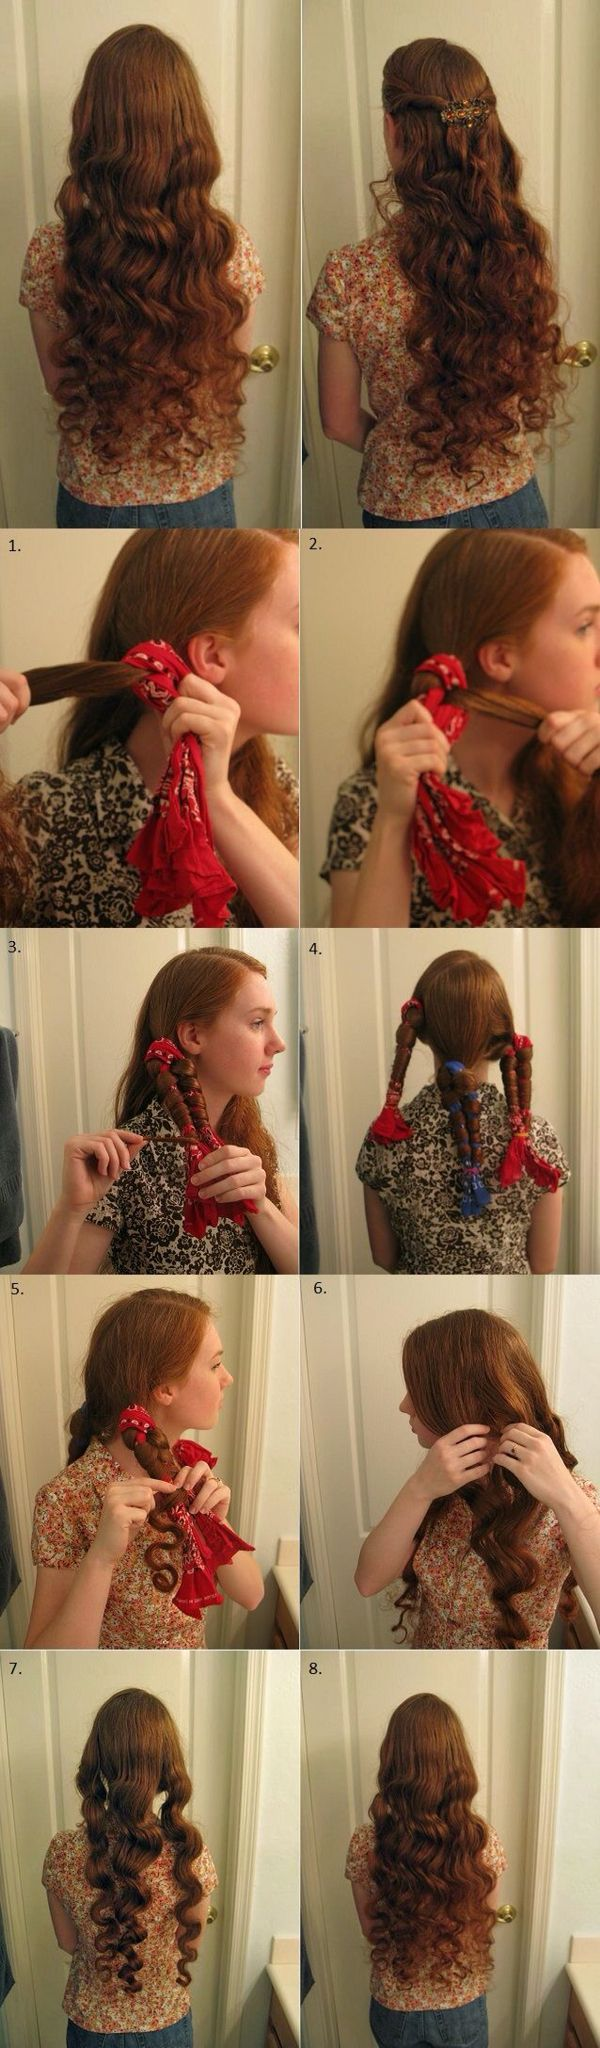 Как собрать кудри в причёску